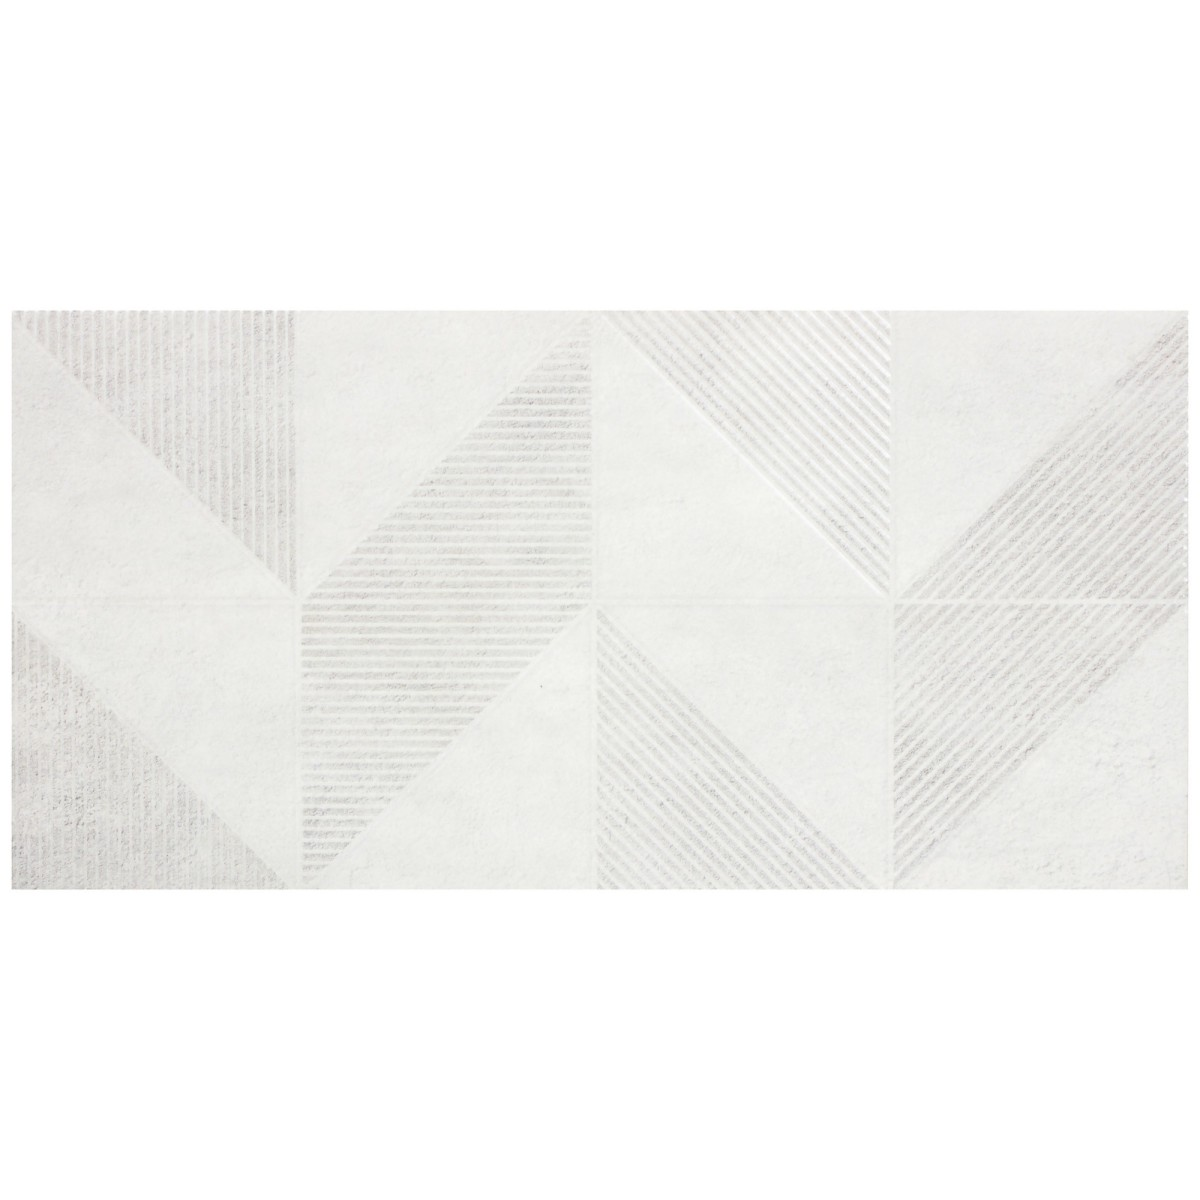 Декор «Скарлет 2» 30х60 см 1.62 м2 цвет светло-серый